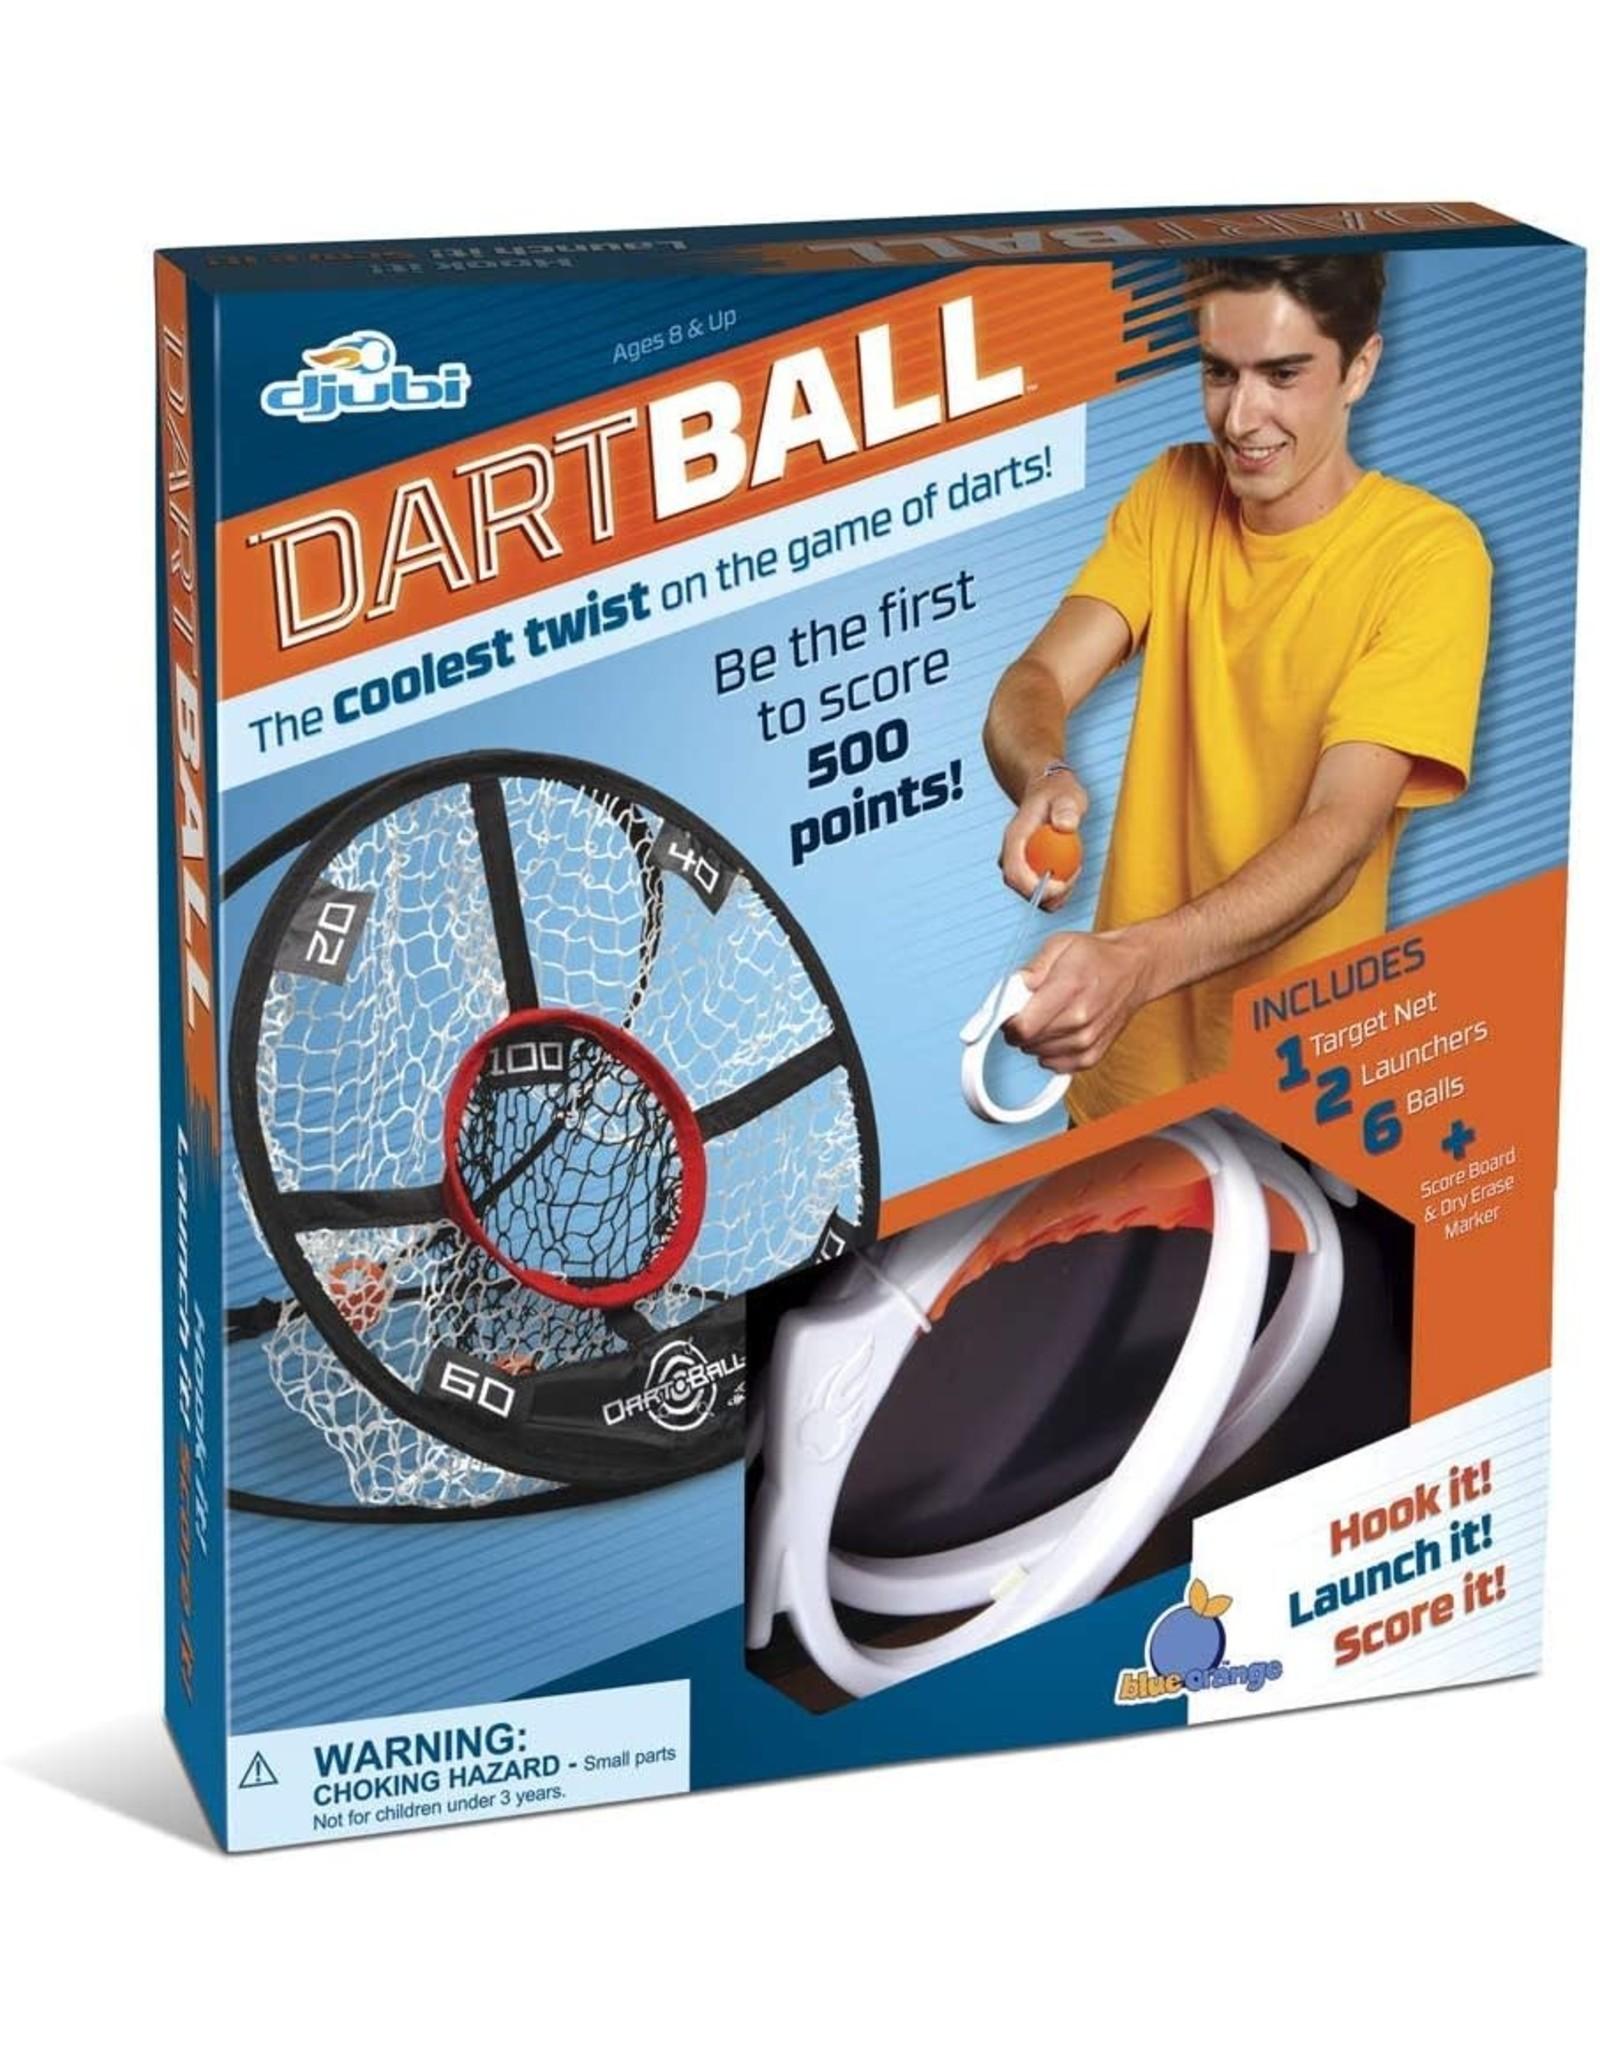 Djubi Dartball